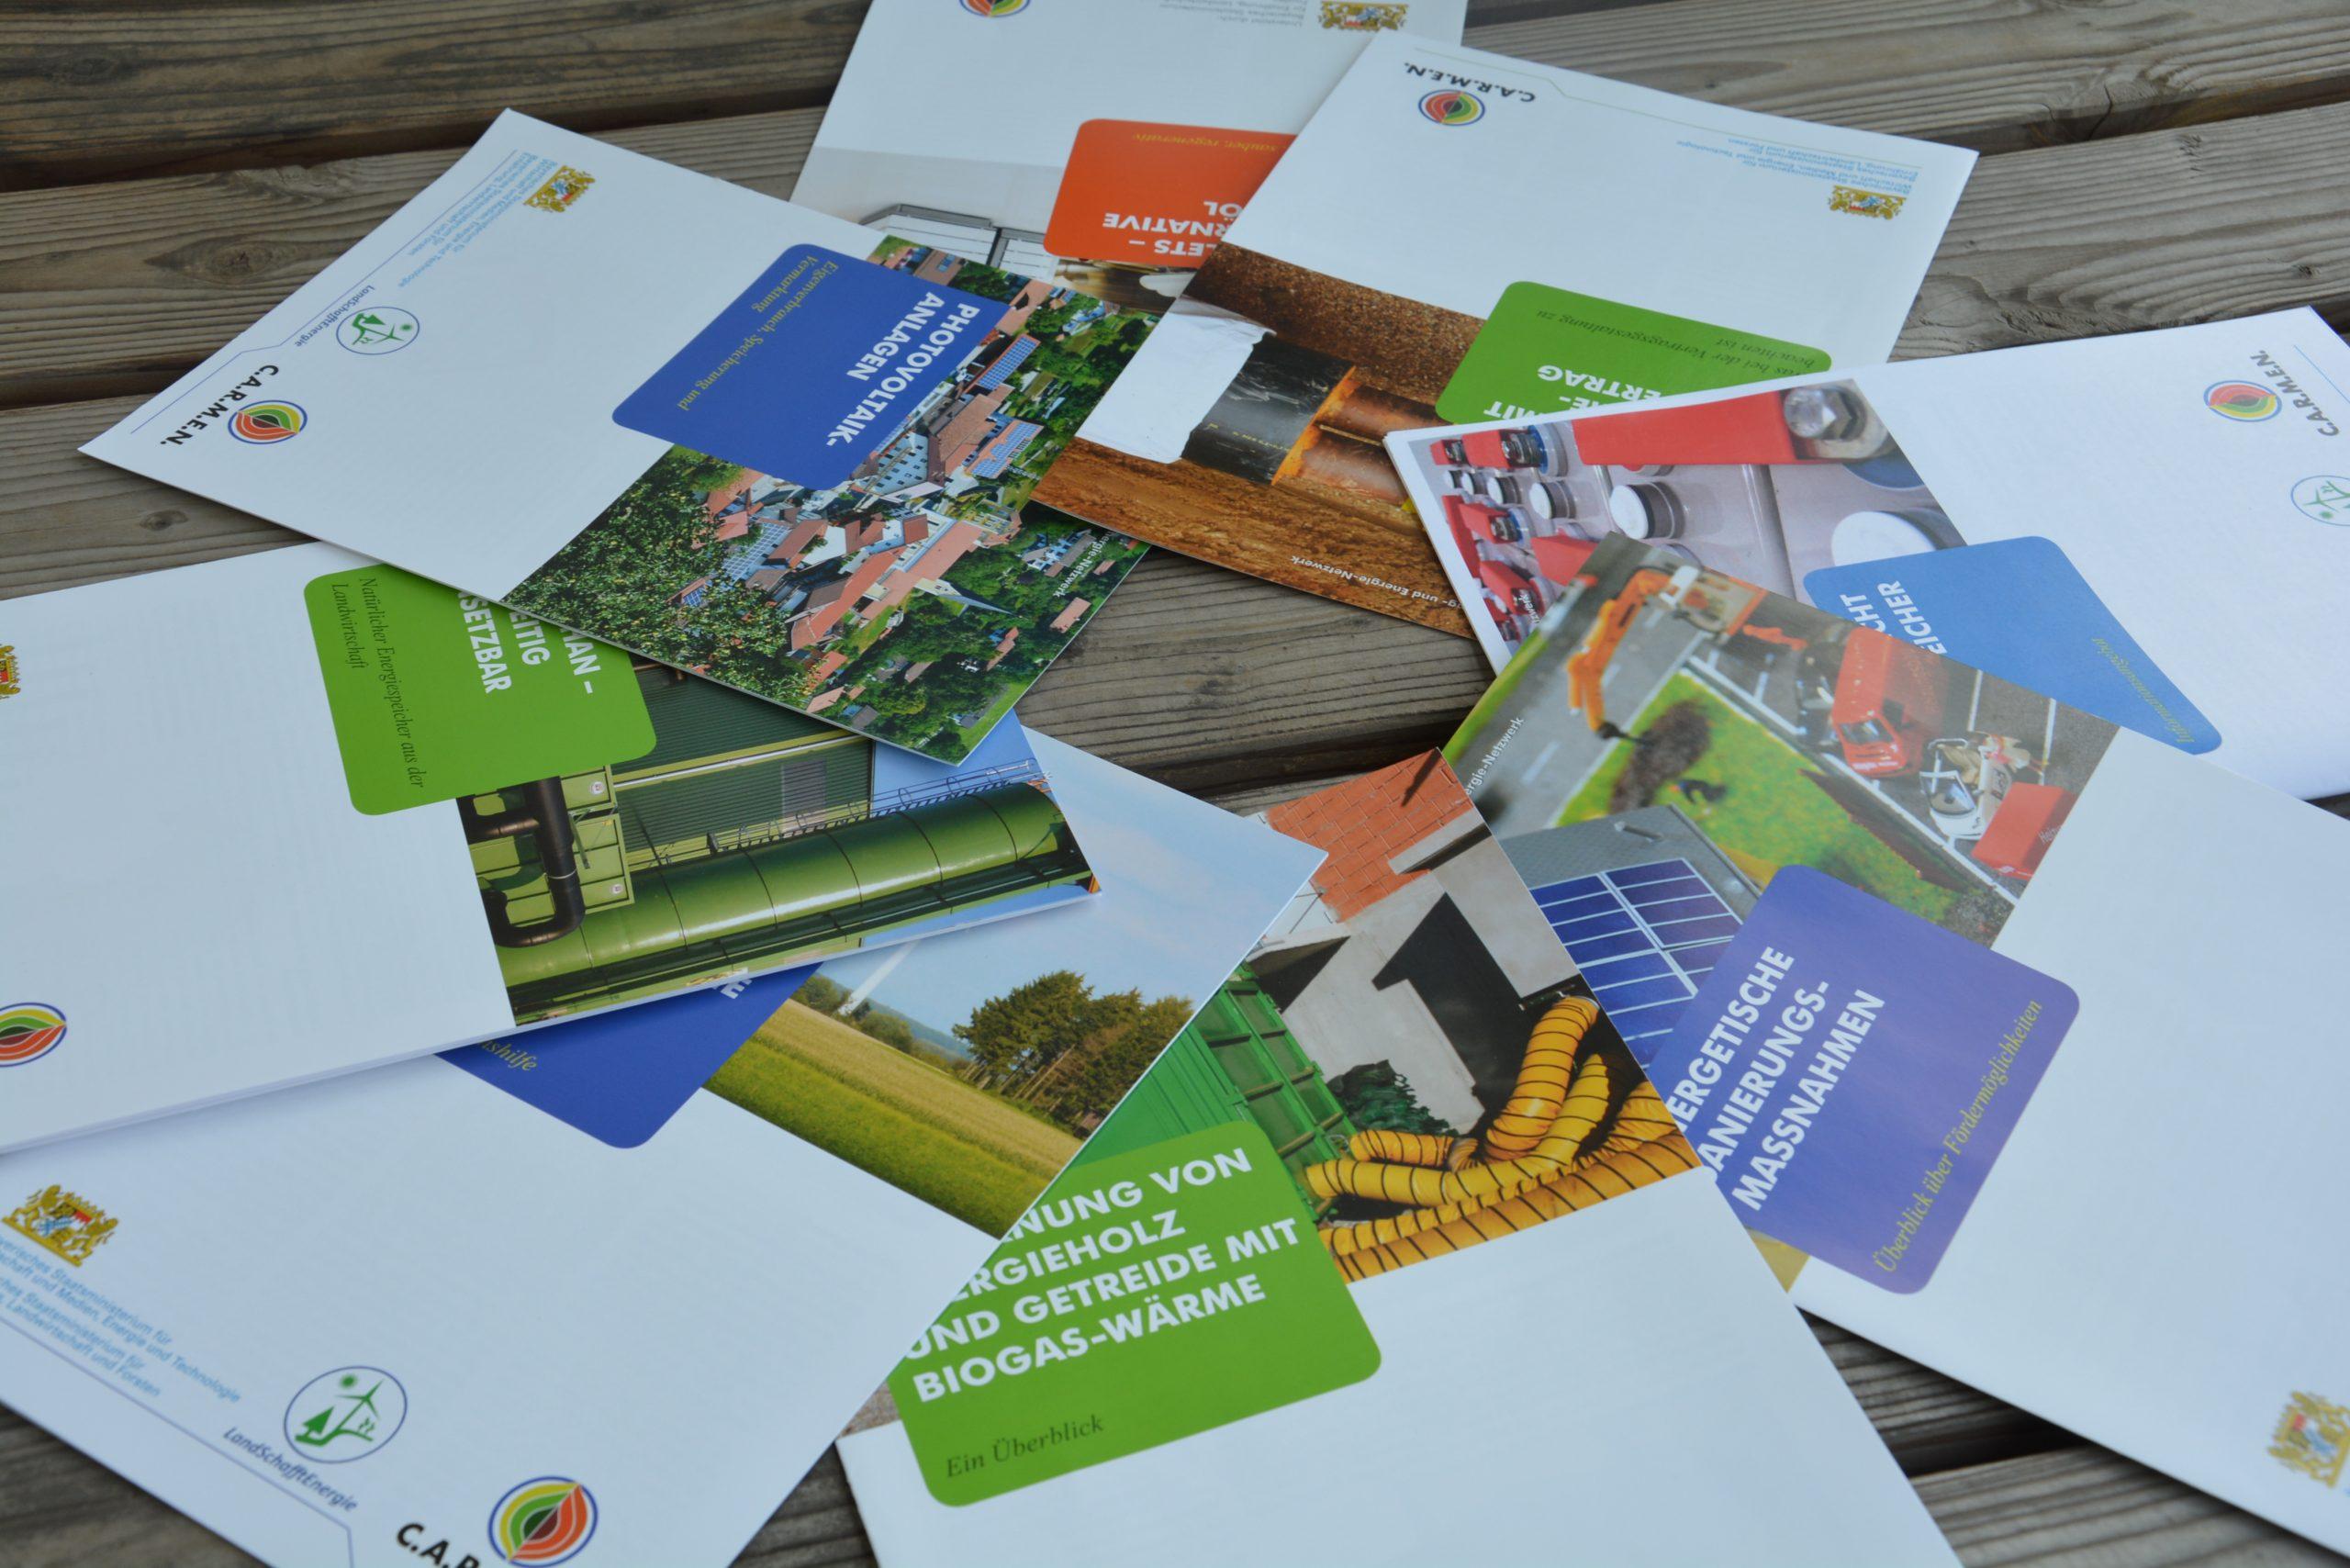 Biogas im Ökologischen Landbau: Informationsmaterial und Literatur